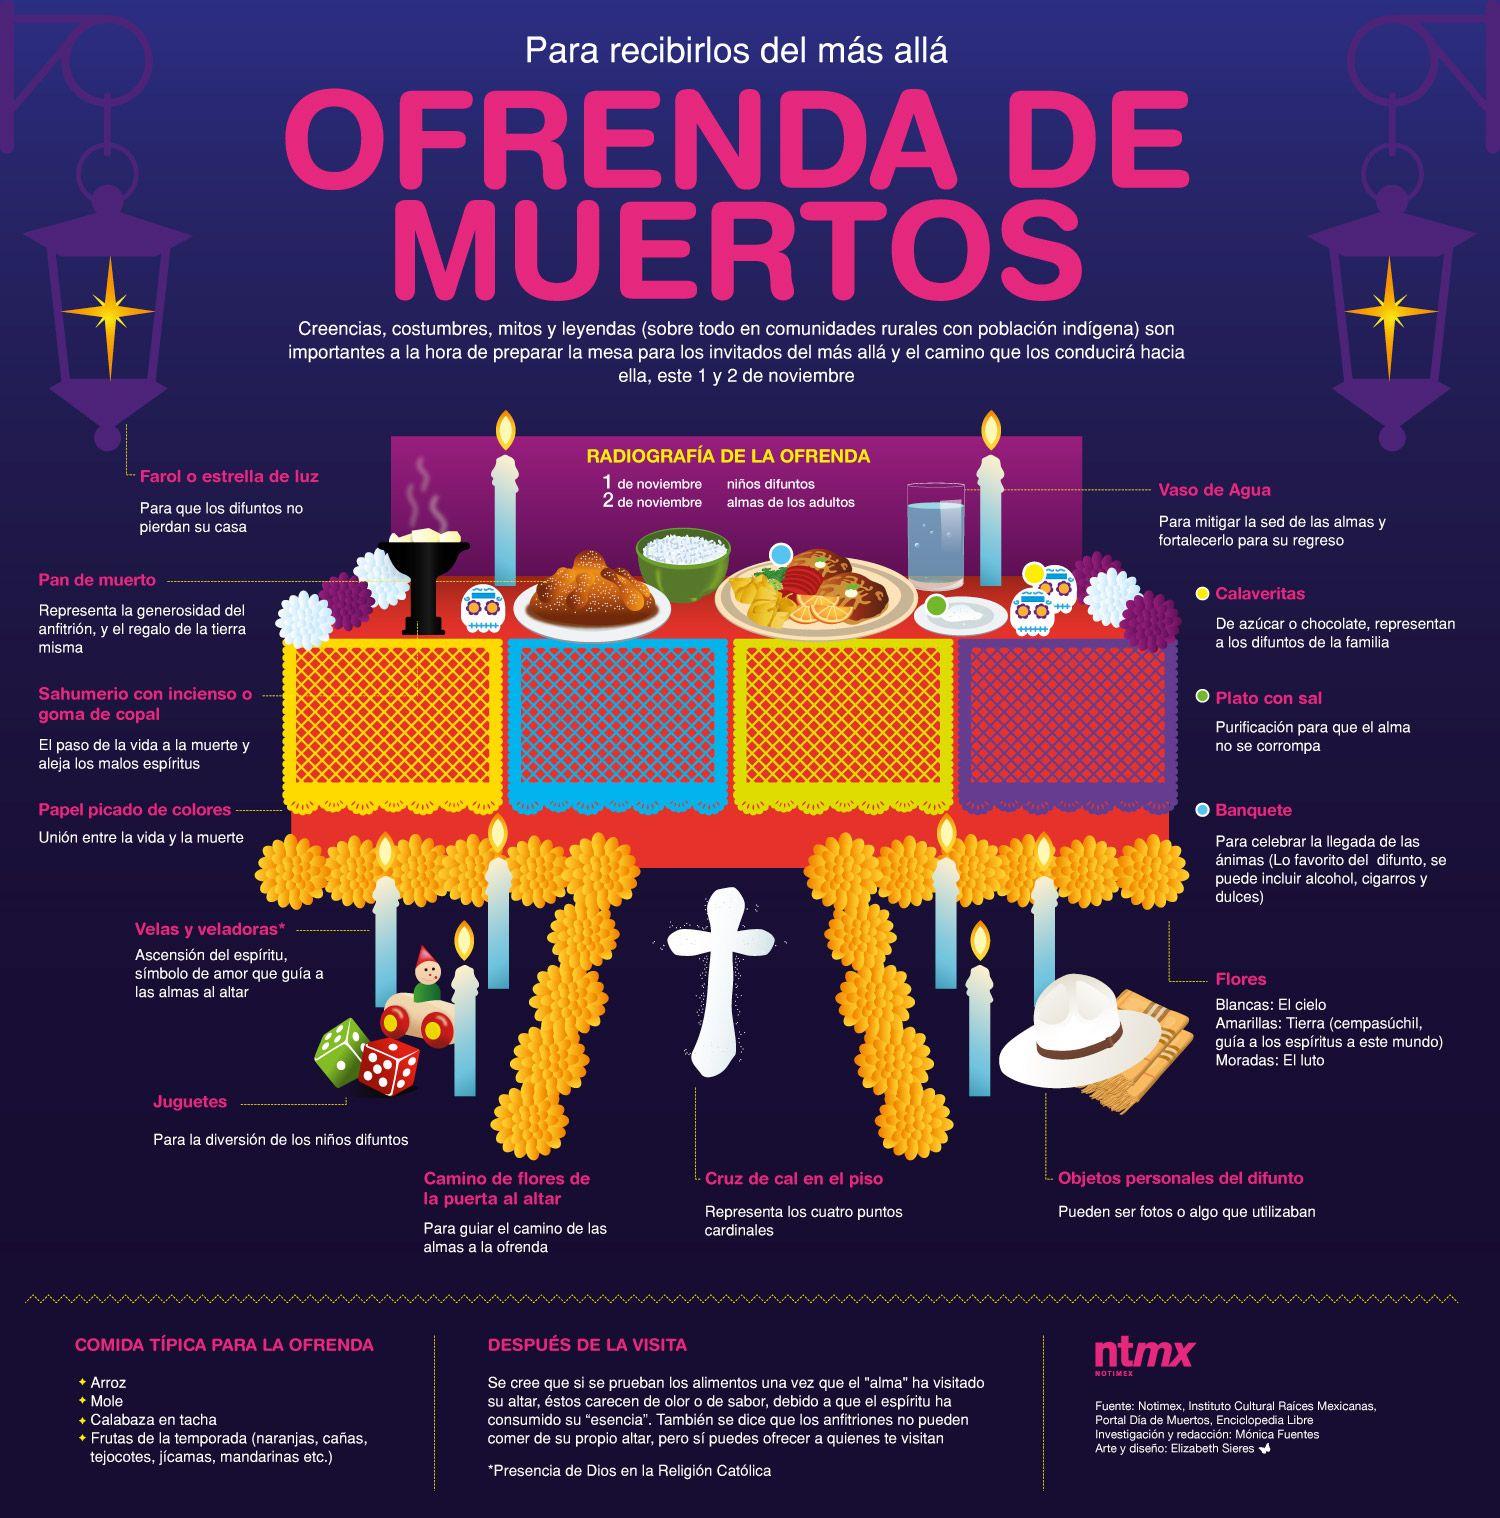 Ofrenda De Muertos This Infographic In Spanish Explains The